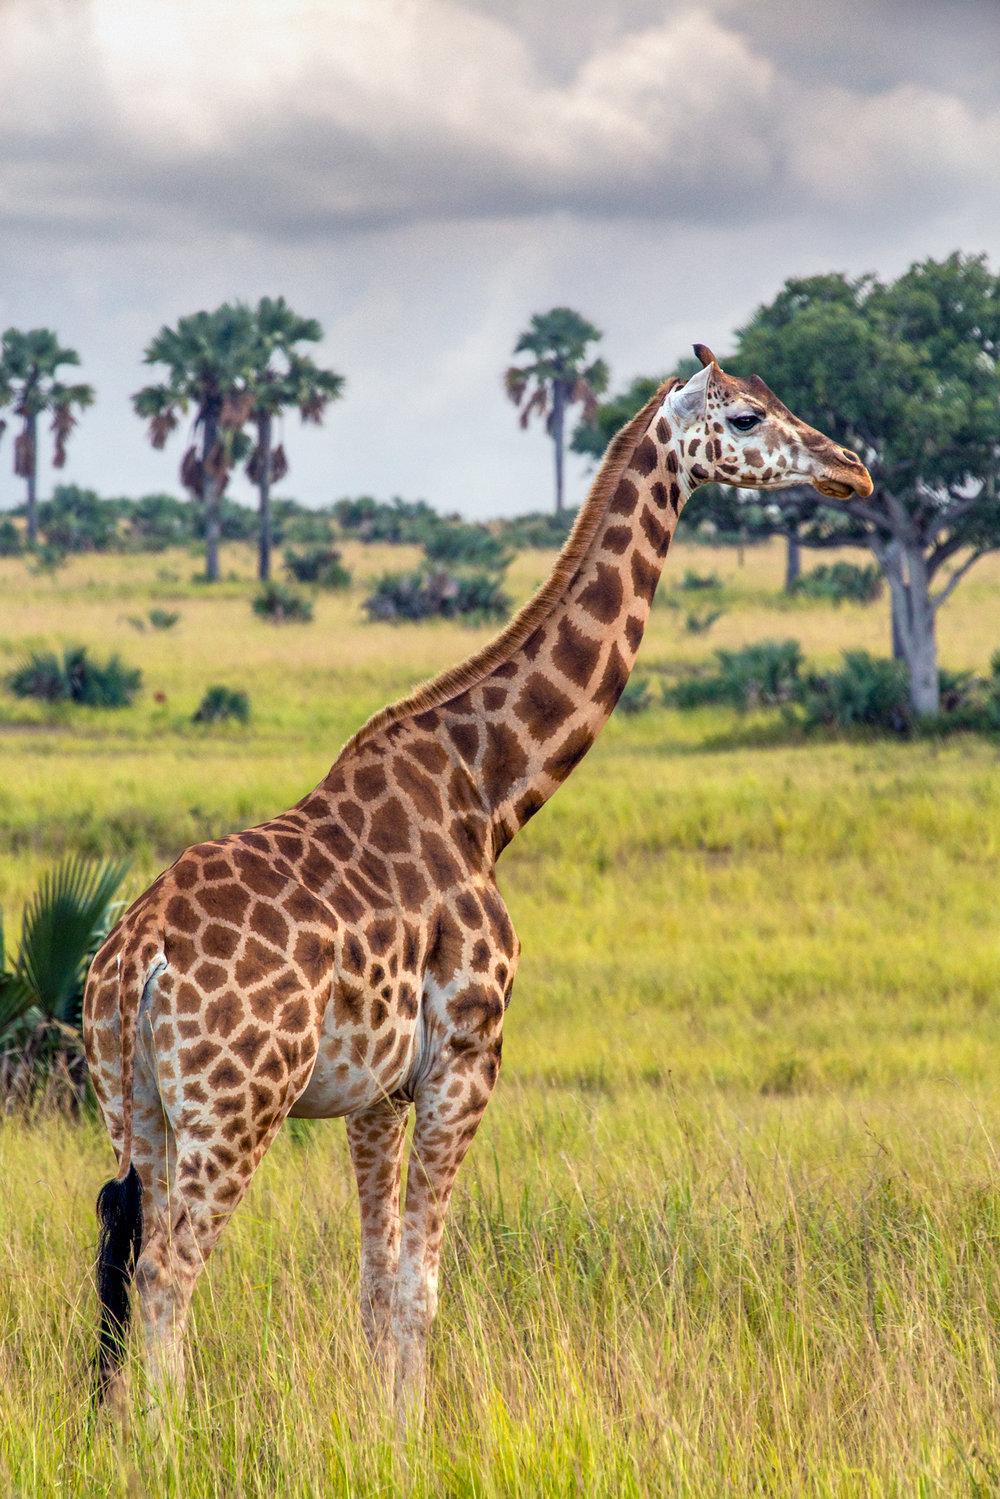 Female Rothschild's Giraffe #1